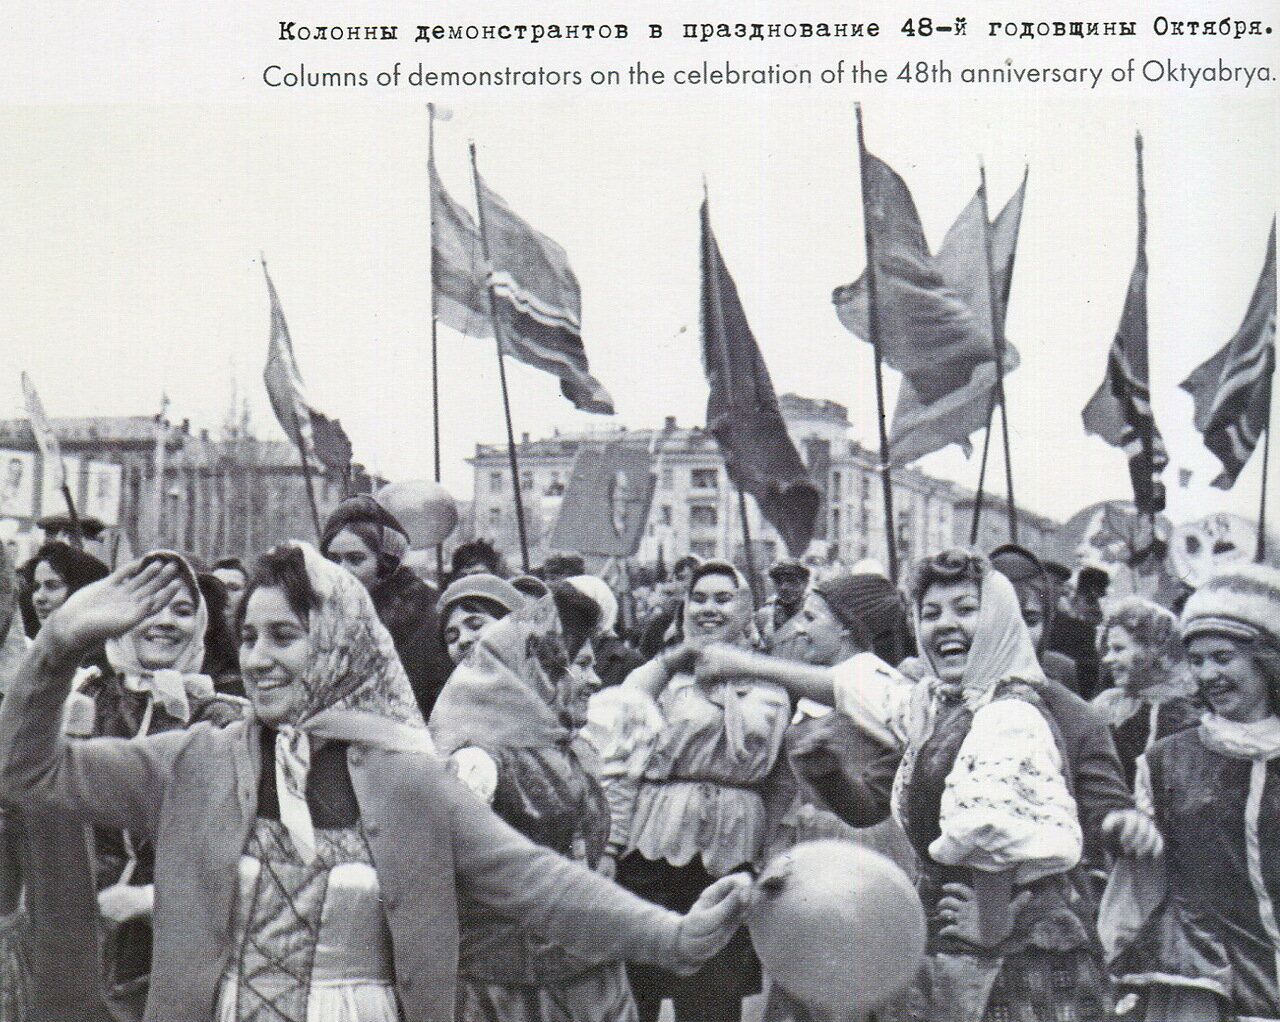 1965. Колонны демонстрантов в празднование 48-й годовщины Октября